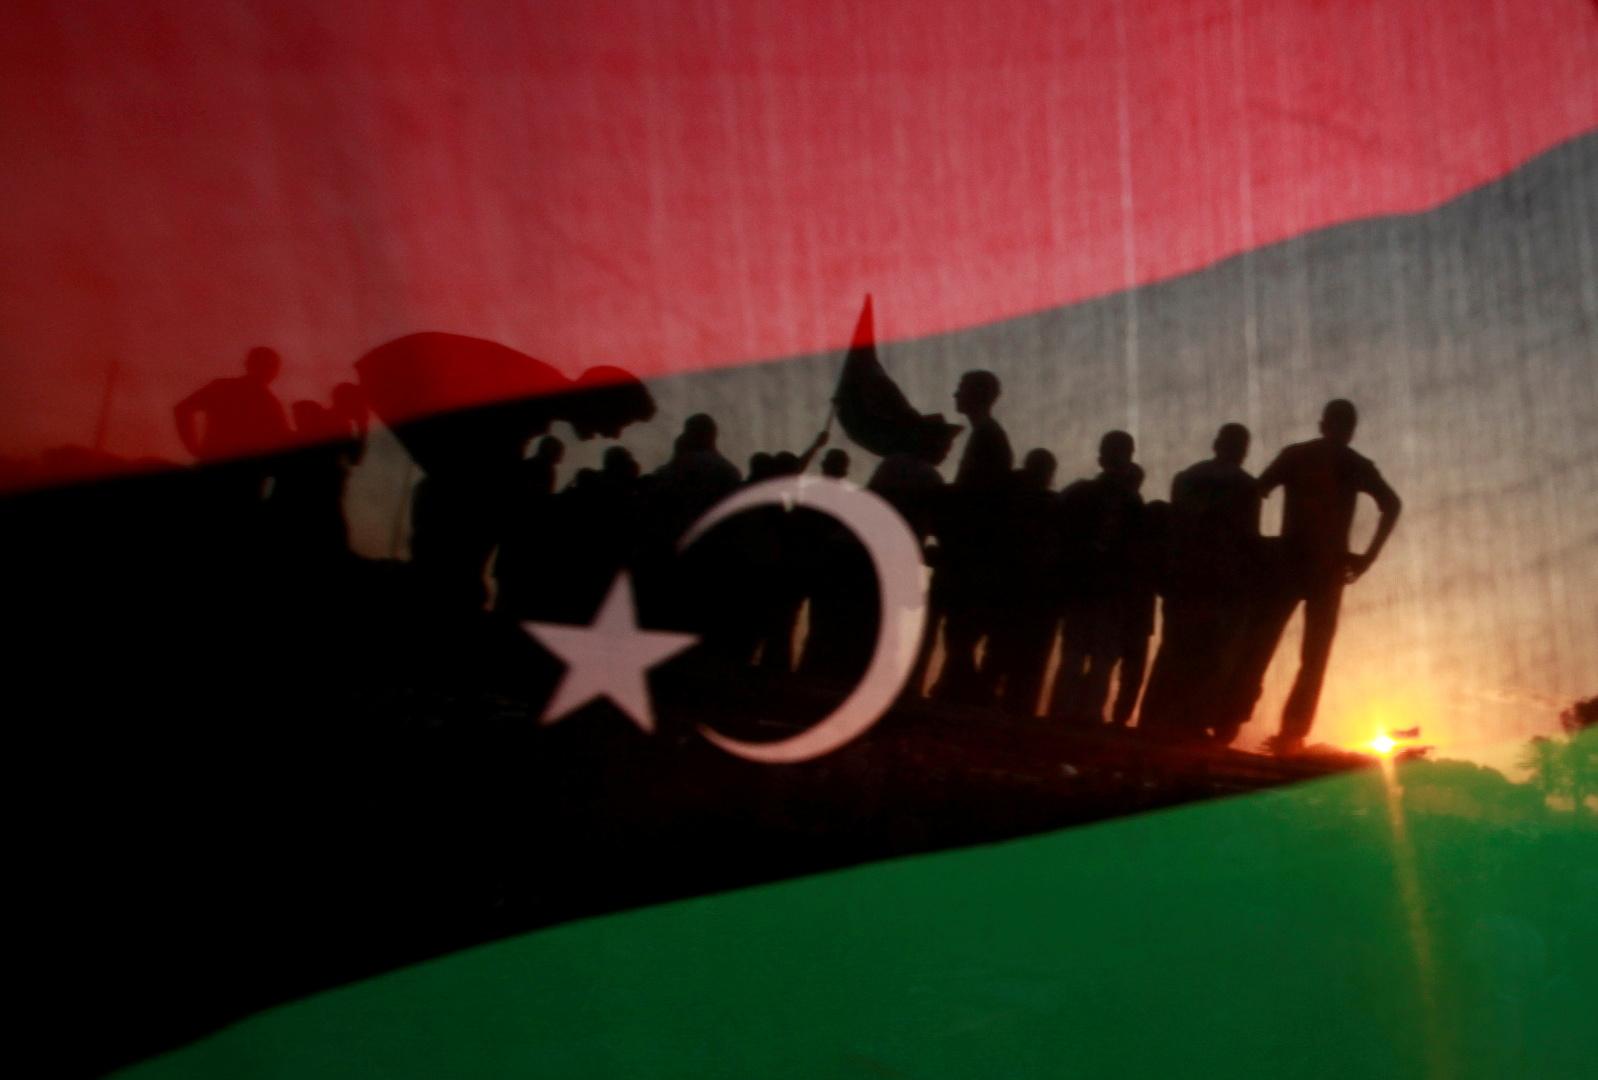 في أول حادث من نوعه.. ضبط 17 طنا من راتنج القنب متجهة من لبنان إلى ليبيا عبر النيجر